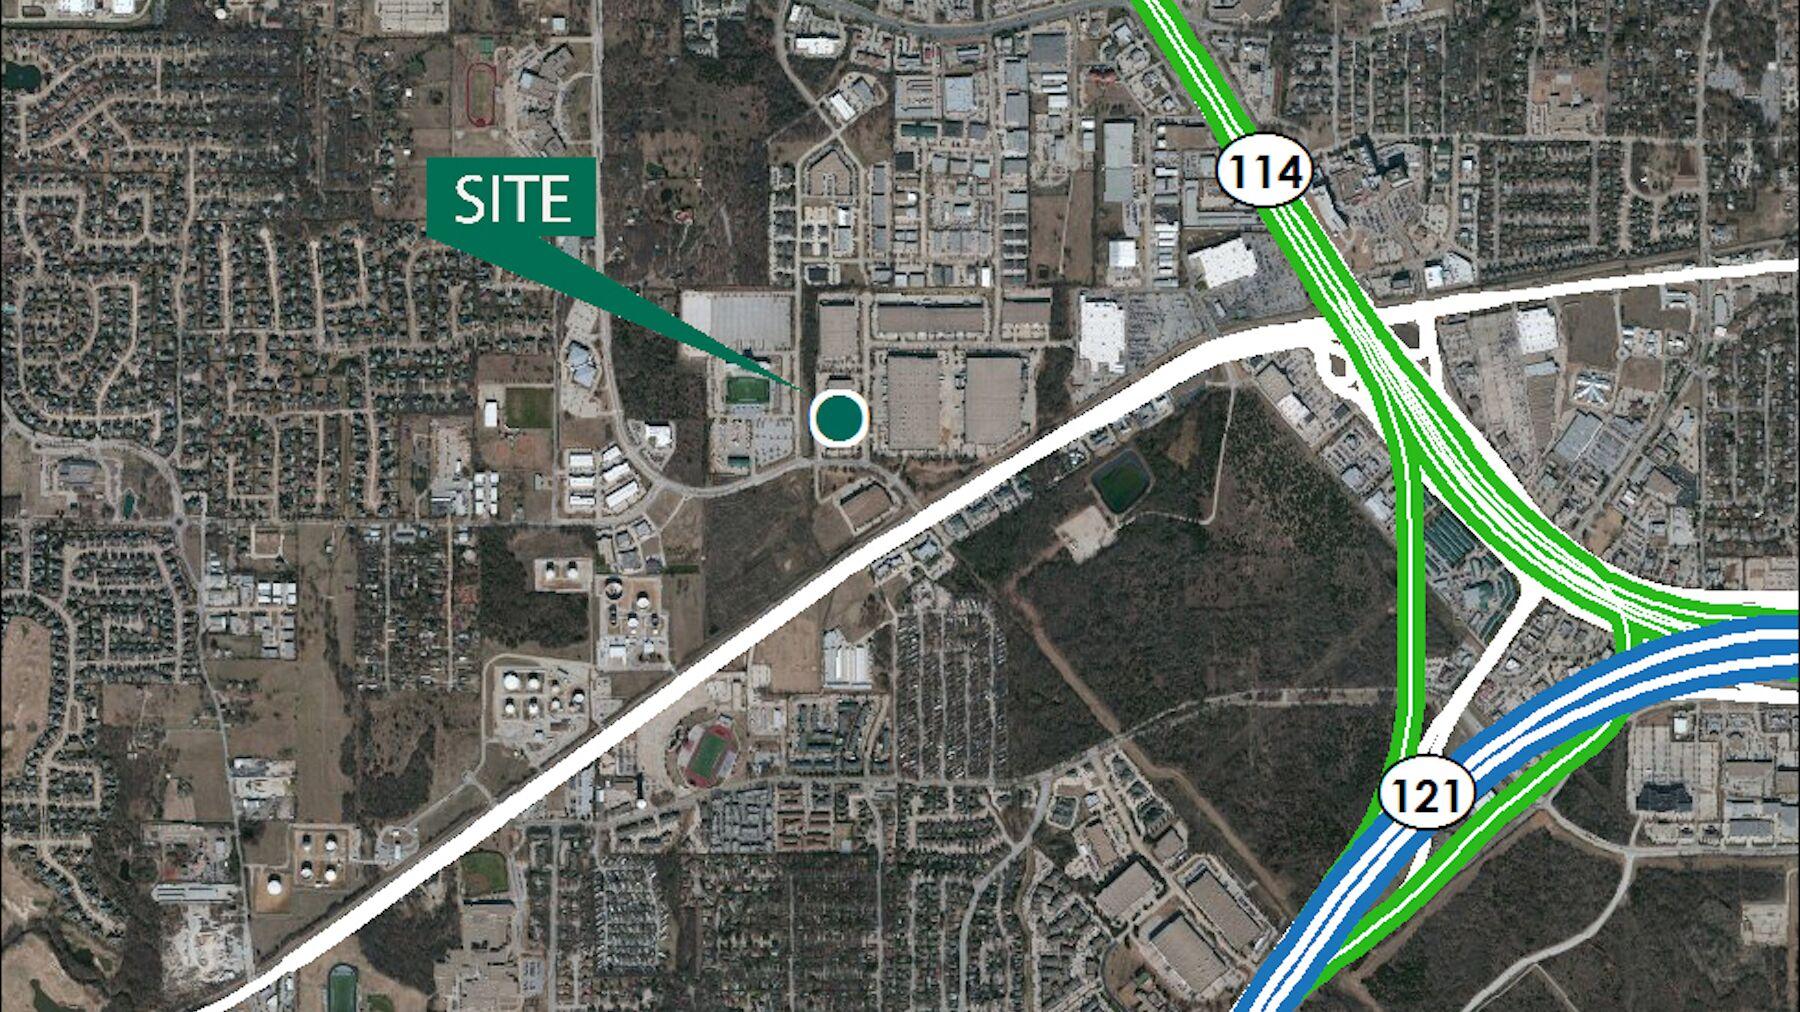 DPM-Prologis-Heritage-Business-Park-2-DAL10502-1000-Nolen-Drive_AerialMap.jpg